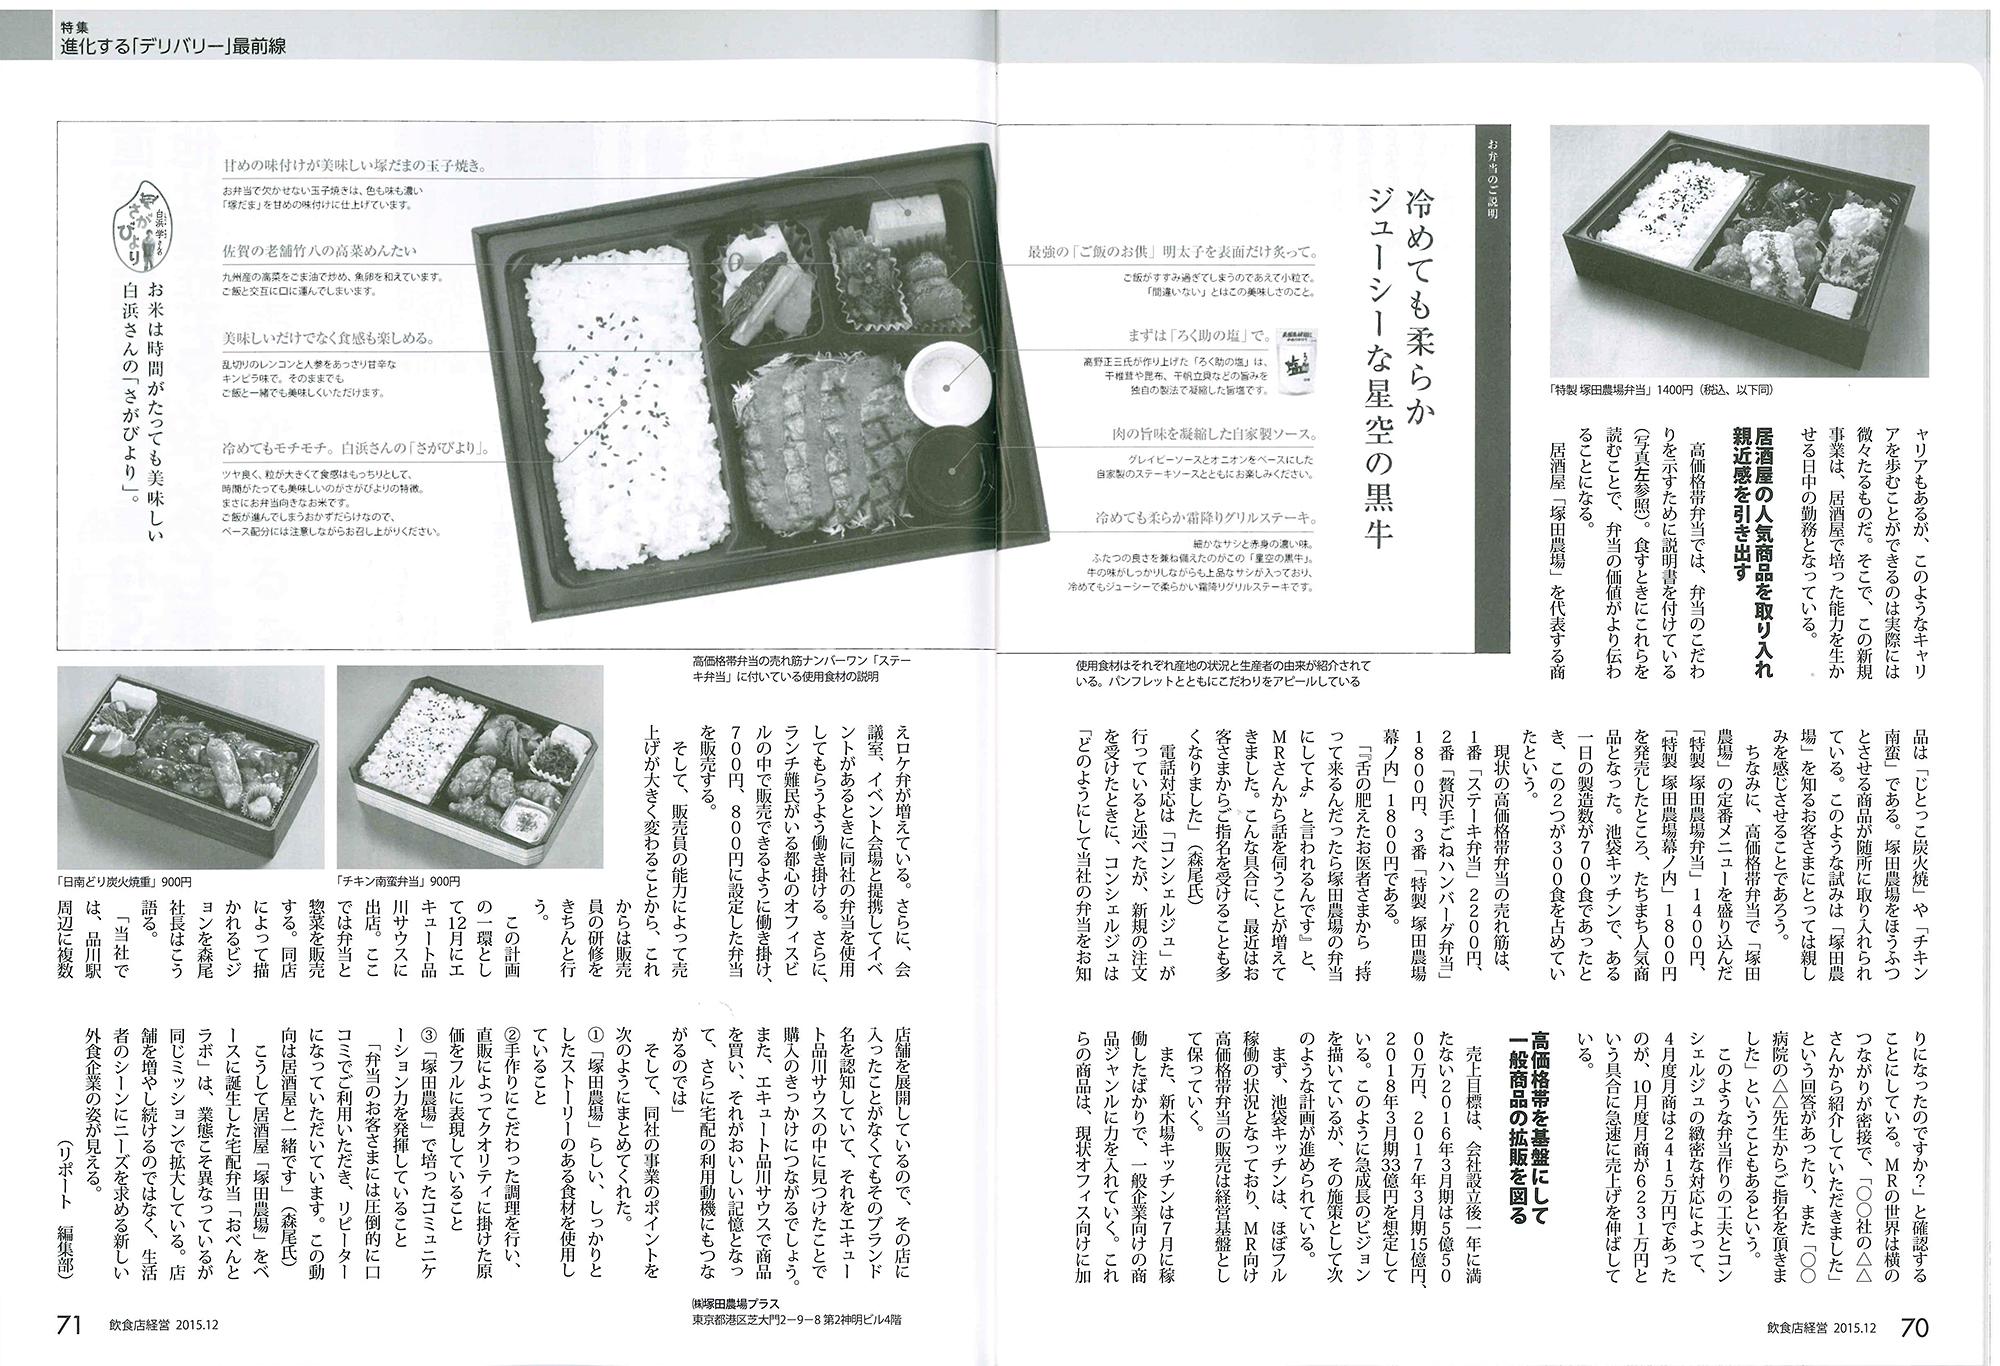 http://www.apcompany.jp/media/151120_%E9%A3%B2%E9%A3%9F%E5%BA%97%E7%B5%8C%E5%96%B62.jpg